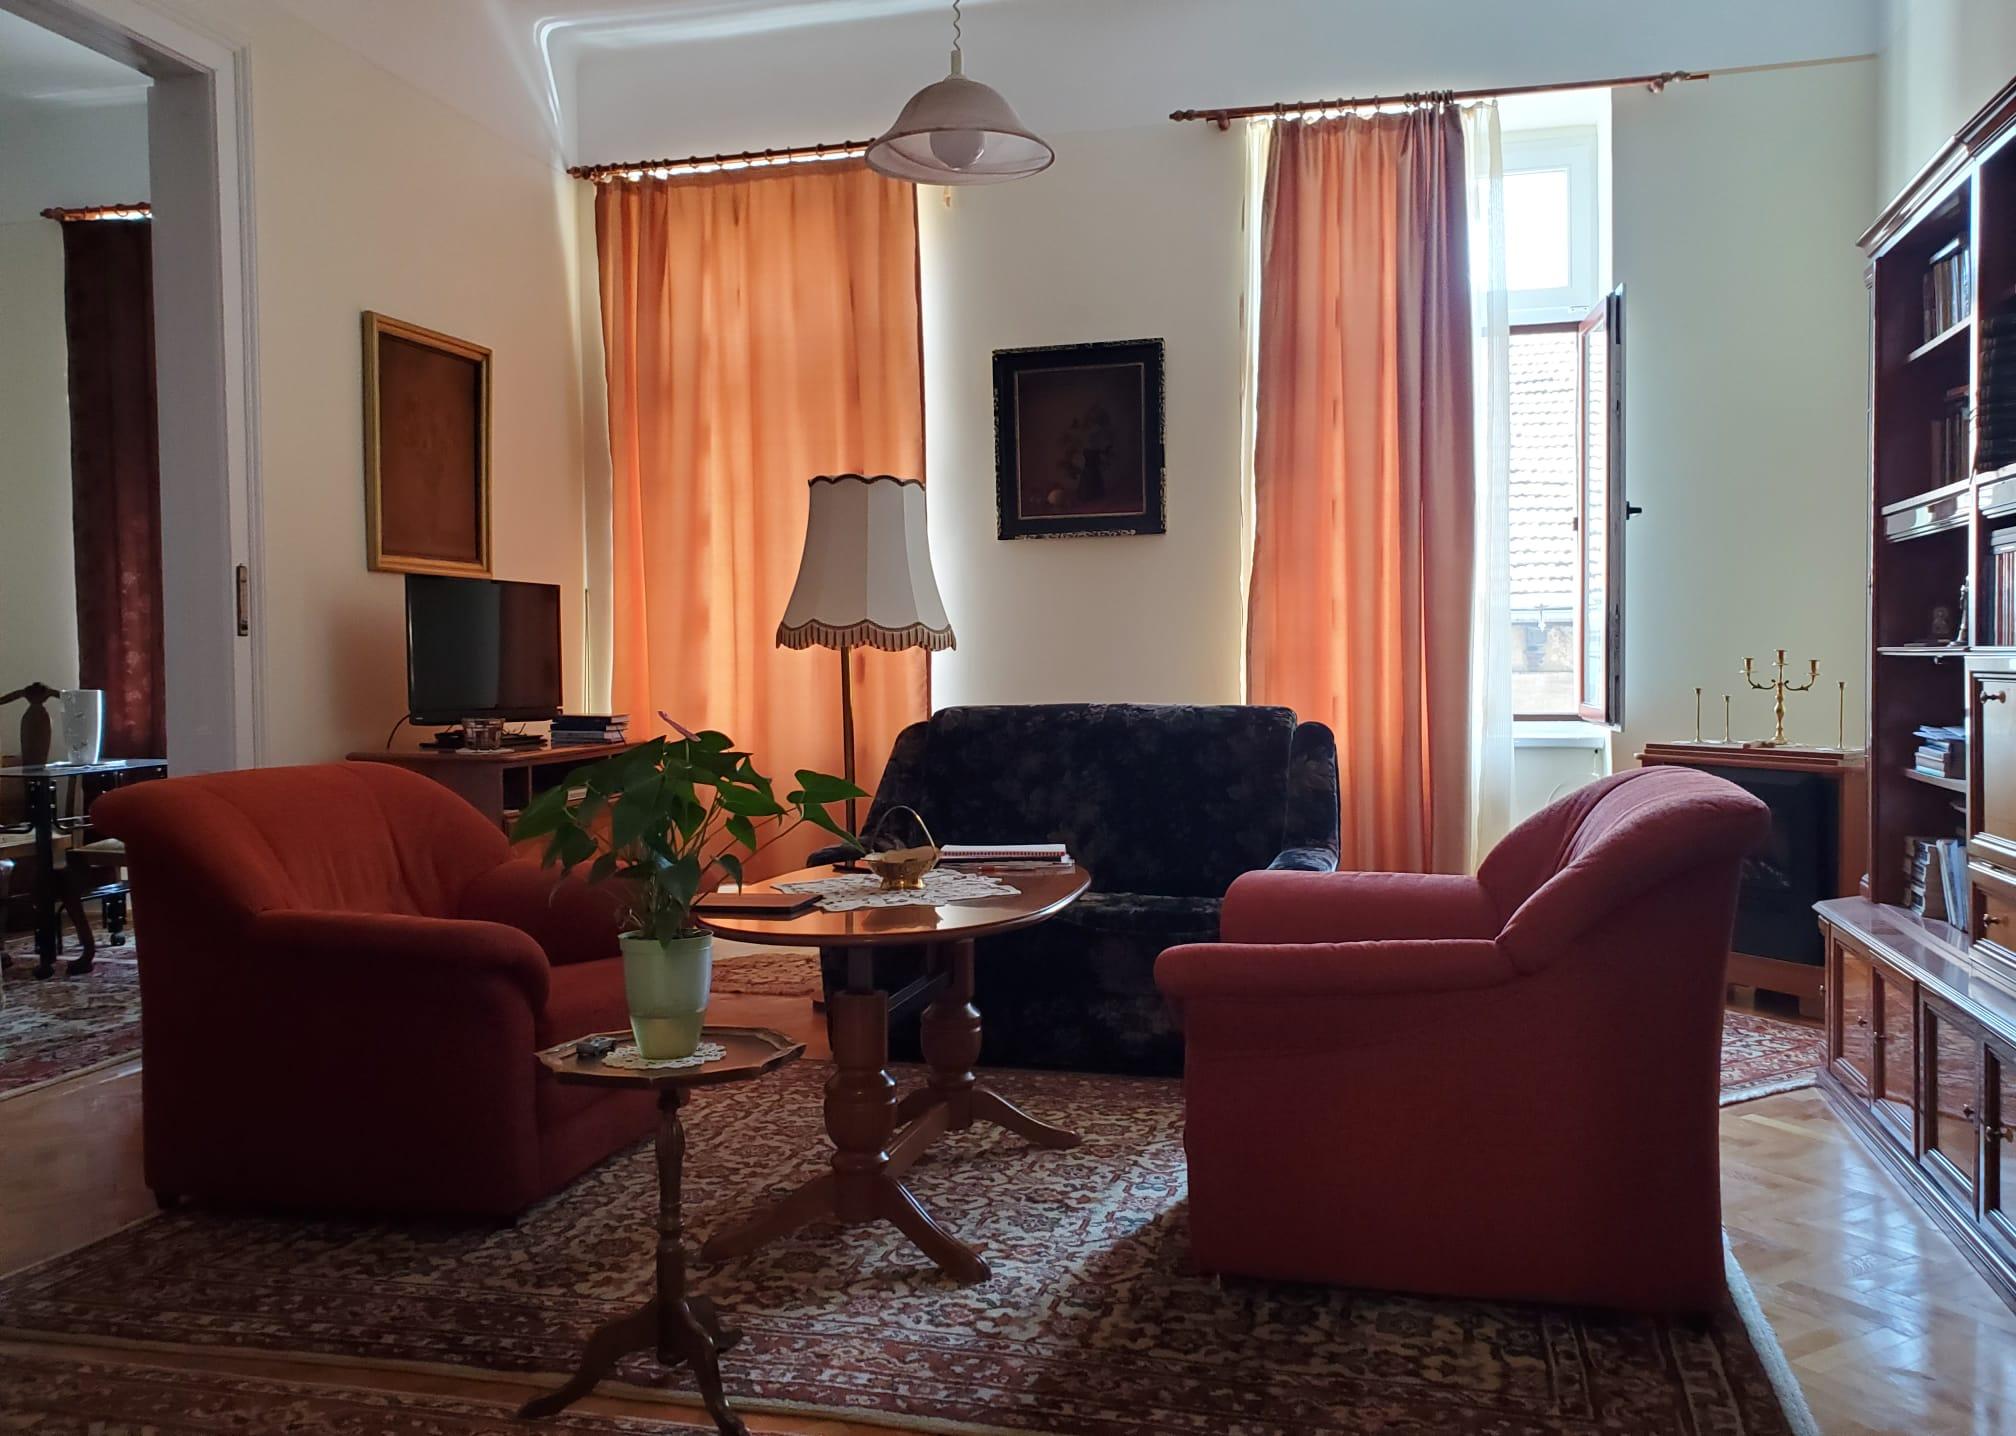 Vand apartament 3 camere zona Ultracentrala-Alecsandri